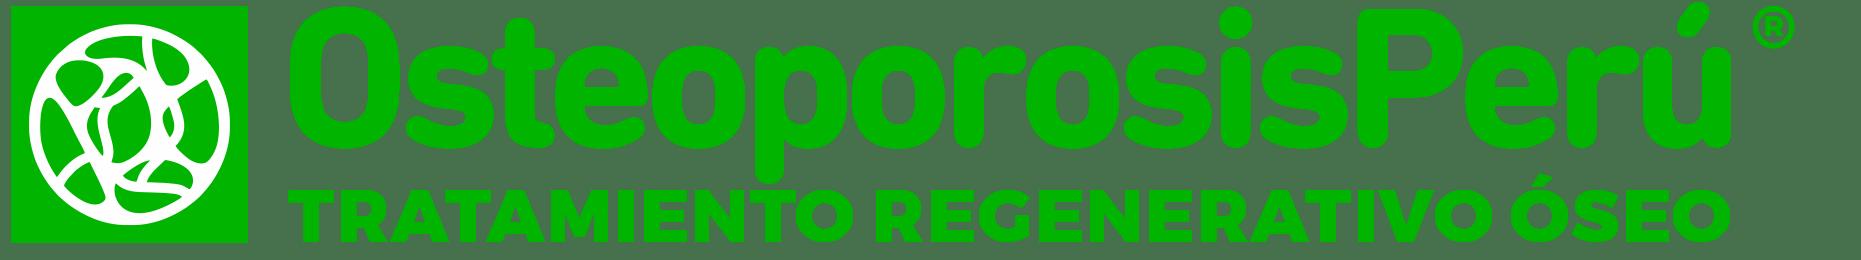 osteoporosis-logo-abr2021x